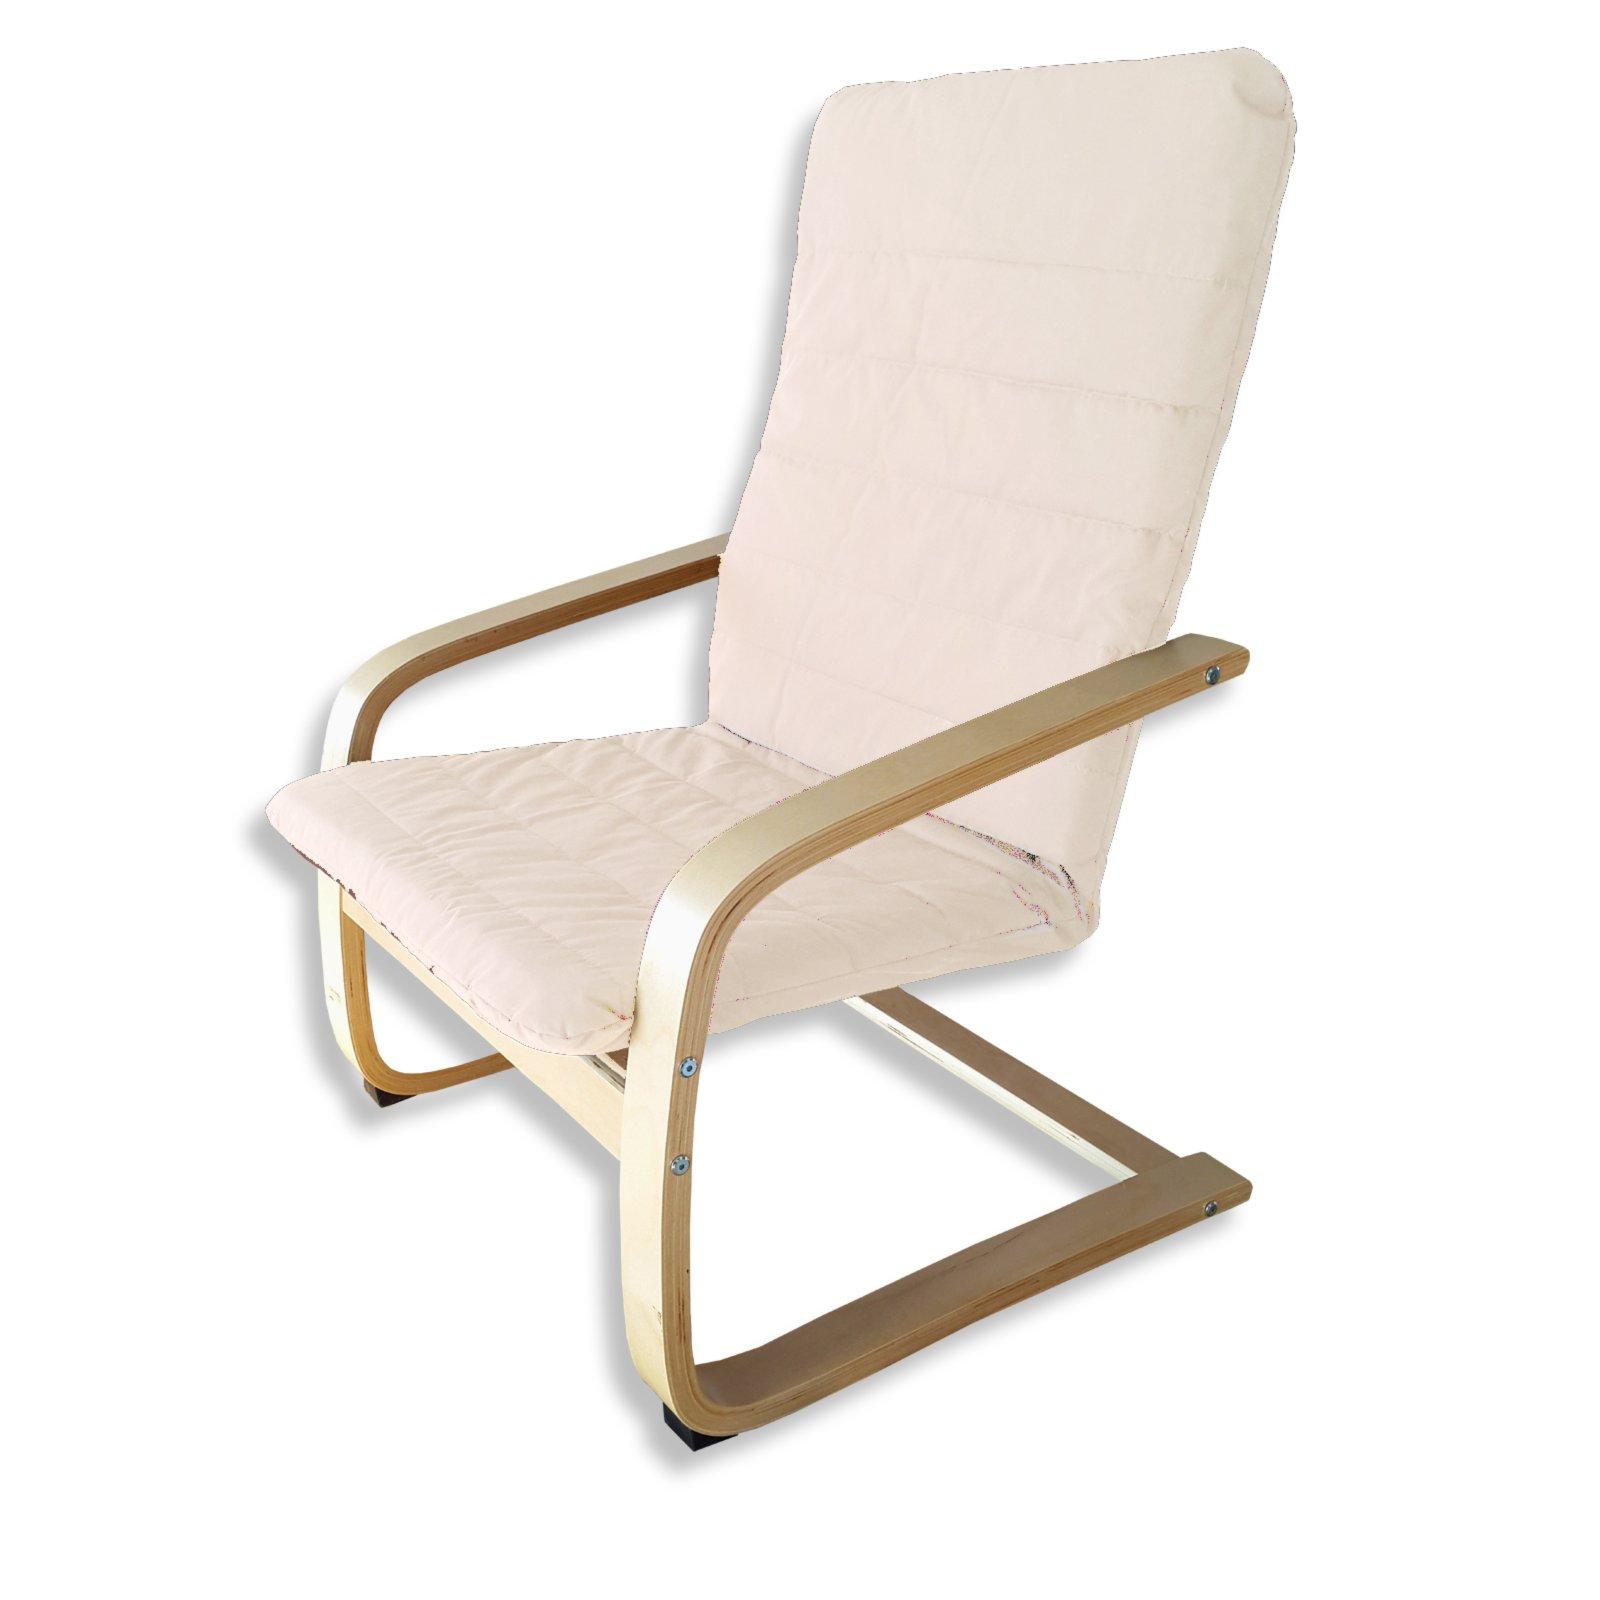 schwingsessel beige massivholz schwingsessel. Black Bedroom Furniture Sets. Home Design Ideas